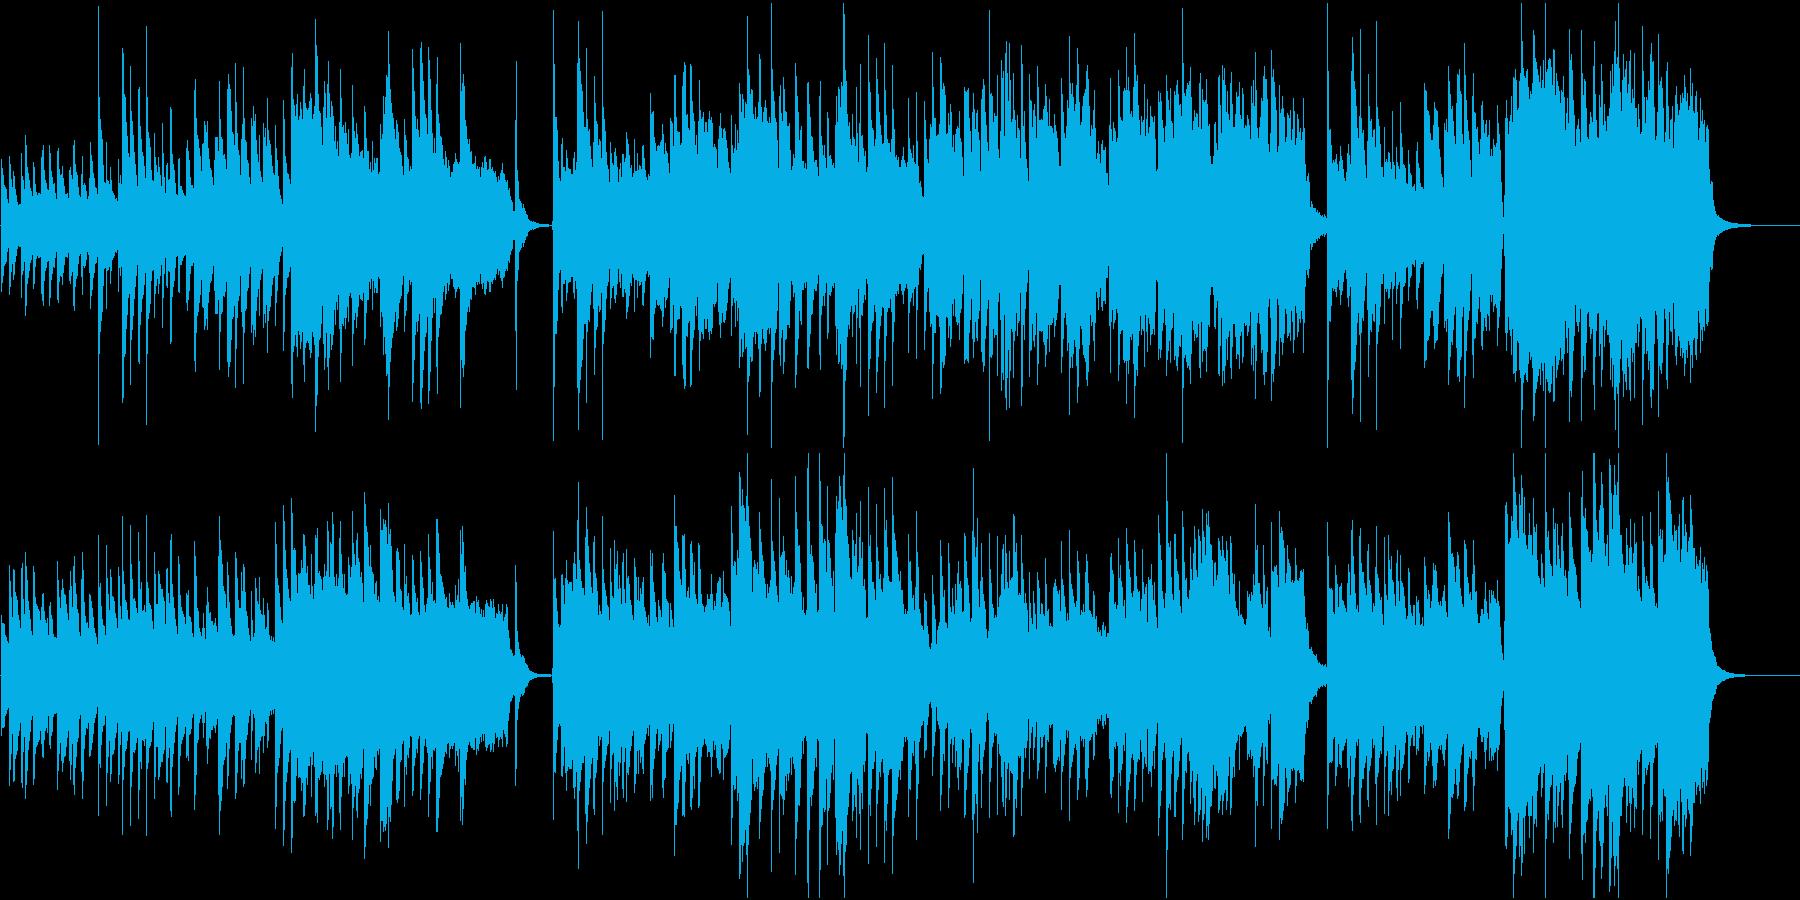 物語の始まりを予感させるピアノと弦楽器♪の再生済みの波形